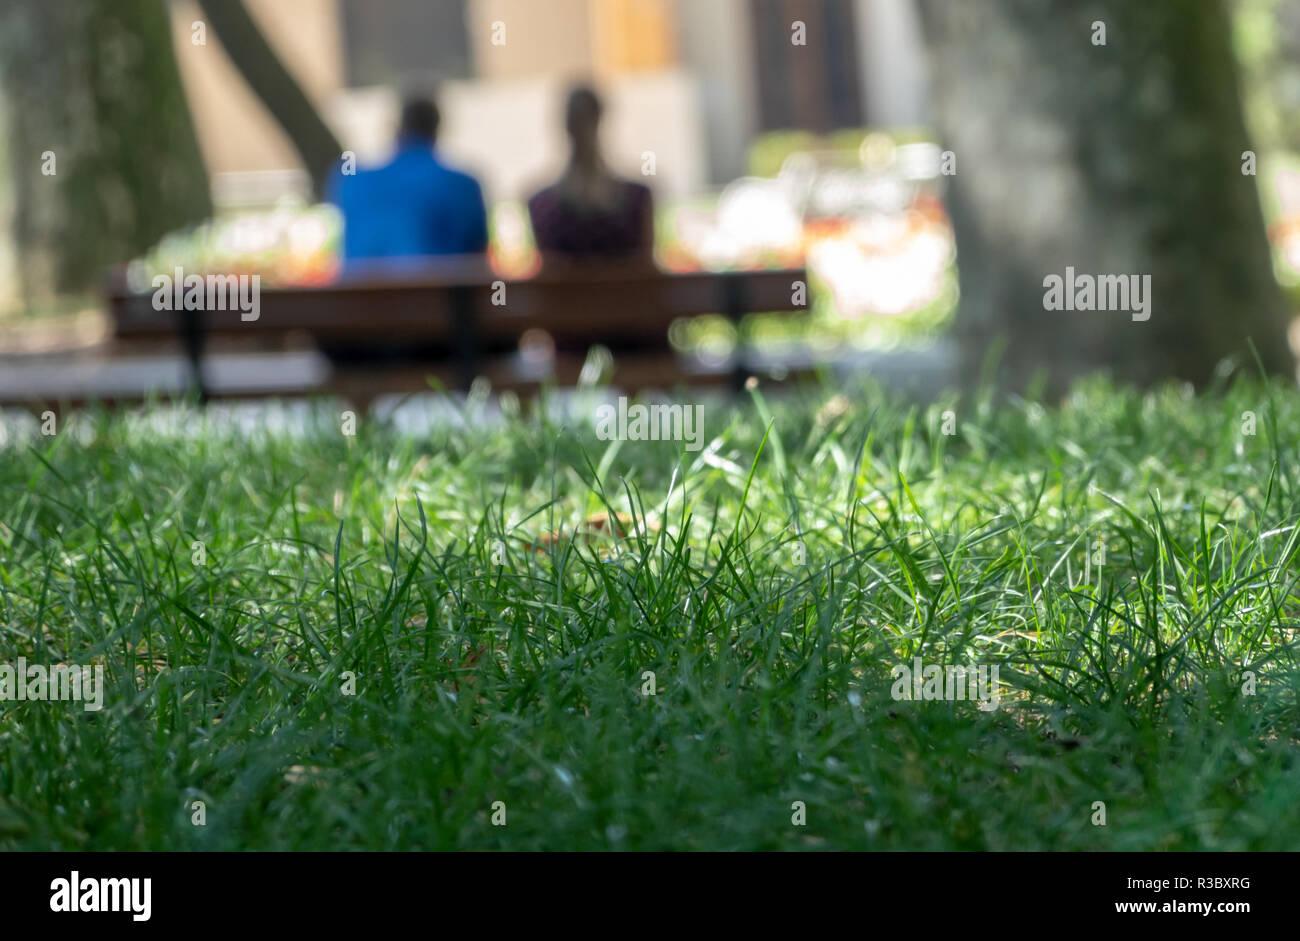 Resumen intencionalmente imagen borrosa de una pareja en un banco por detrás con el verde césped enfocadas en primer plano Foto de stock